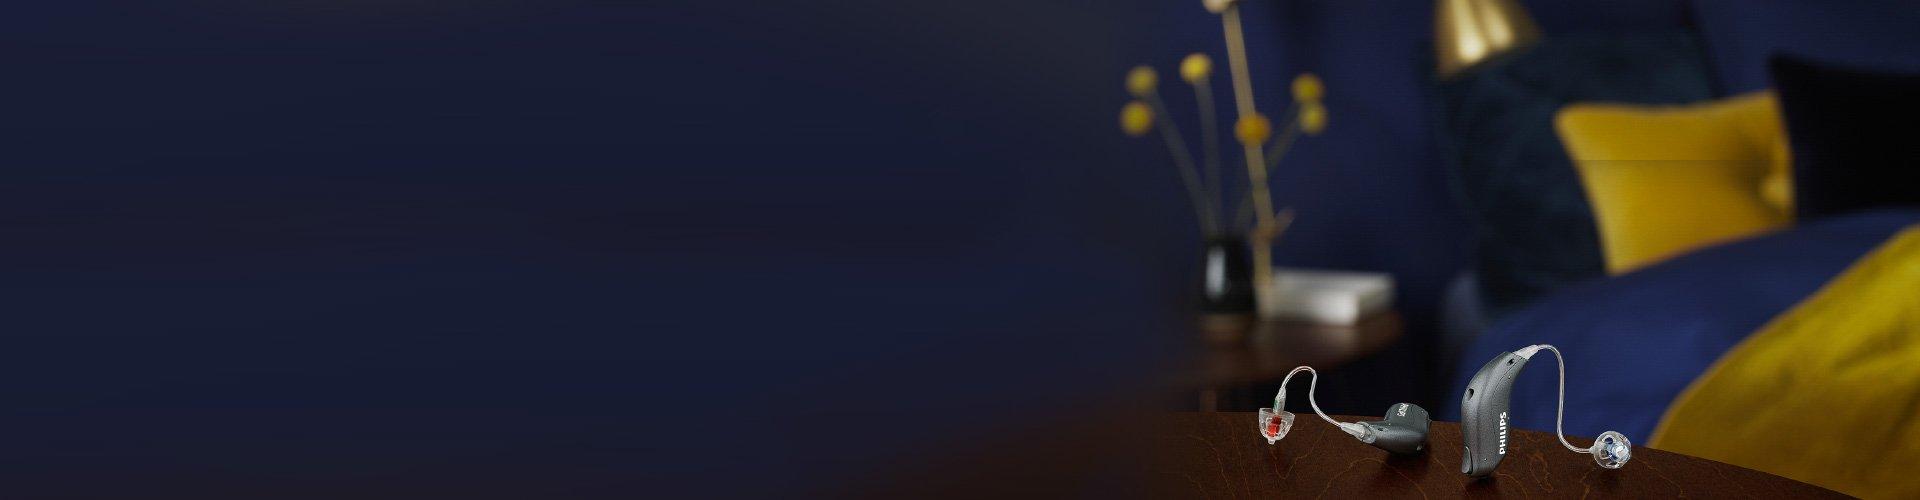 Ένα ζευγάρι miniRITE ακουμπισμένα στο κομοδίνο δίπλα στο κρεβάτι. Ακούμε καλύτερα με βοηθήματα ακοής Philips HearLink.